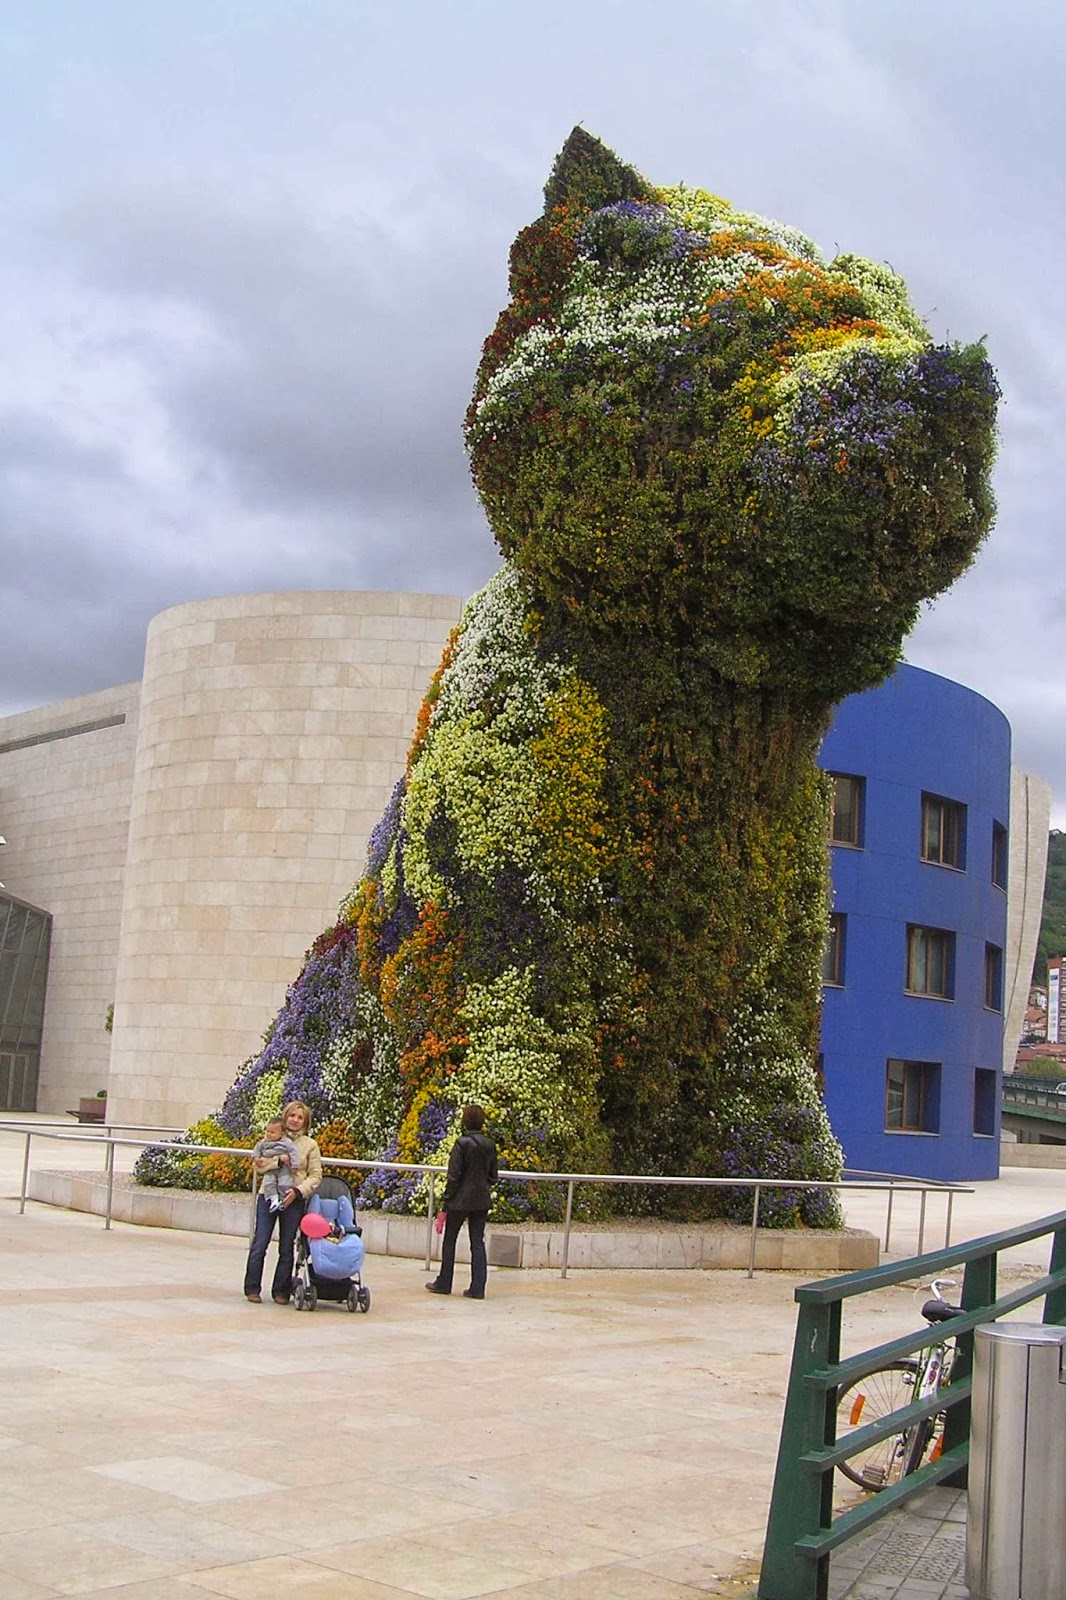 El perro Puppy, mascota del Guggenheim.